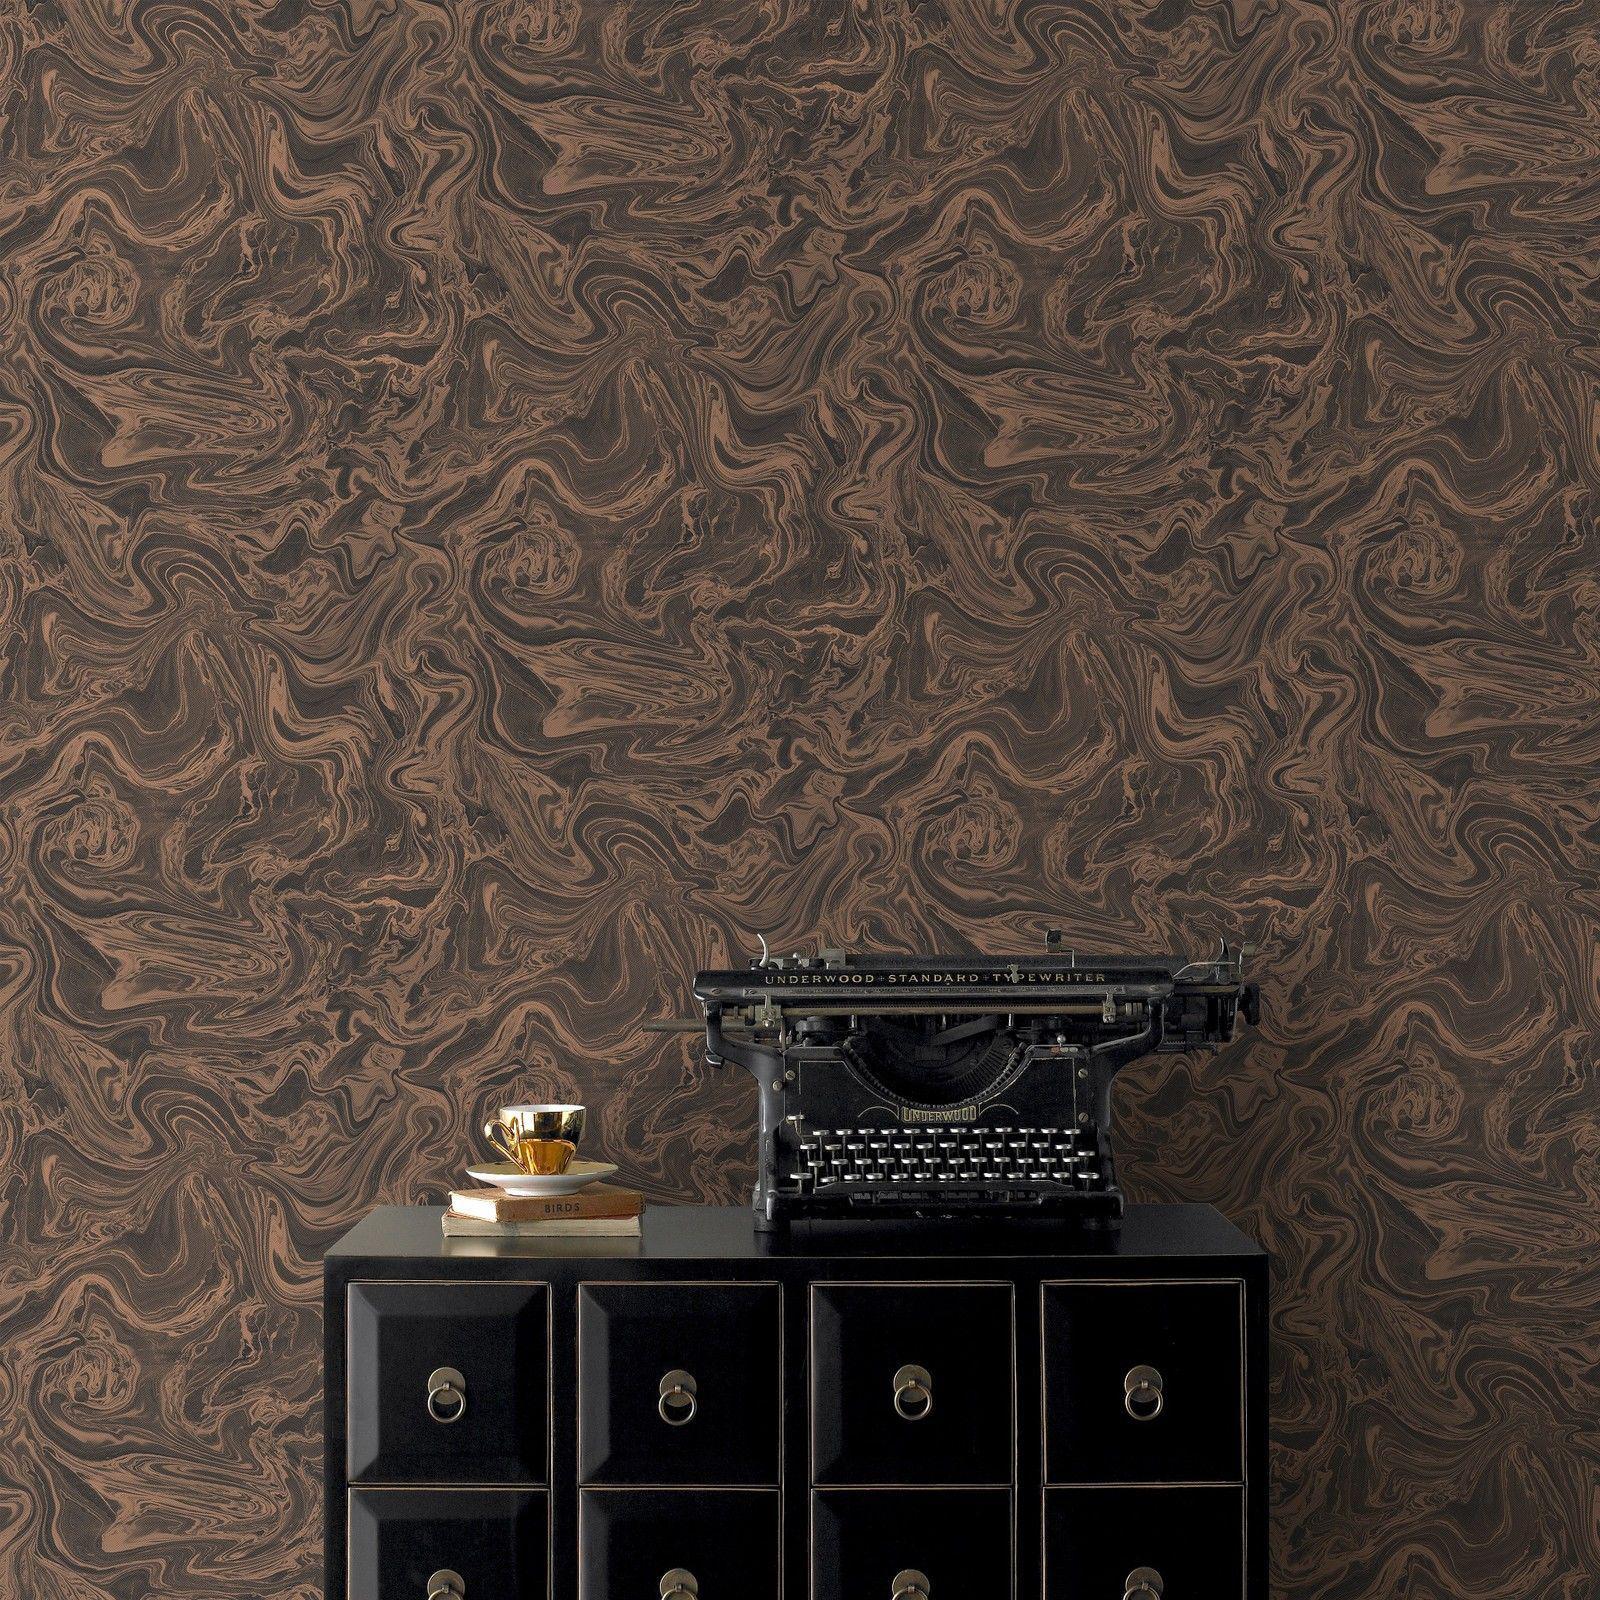 Textil Tapeten Eigenschaften : Vlies Tapete Marmor Textil Optik schwarz braun bronze metallic100538